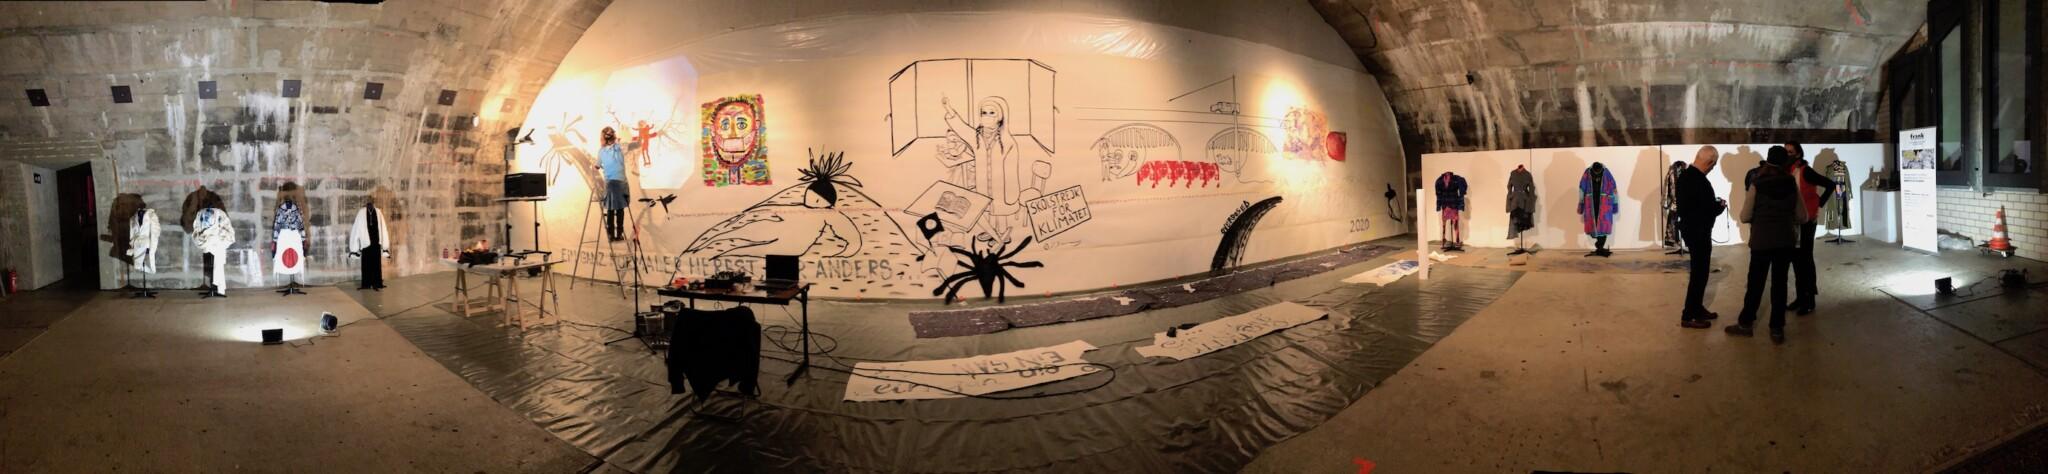 Der FRANKfurtstyleaward zu Gast im Kunstverein Familie Montez in Frankfurt